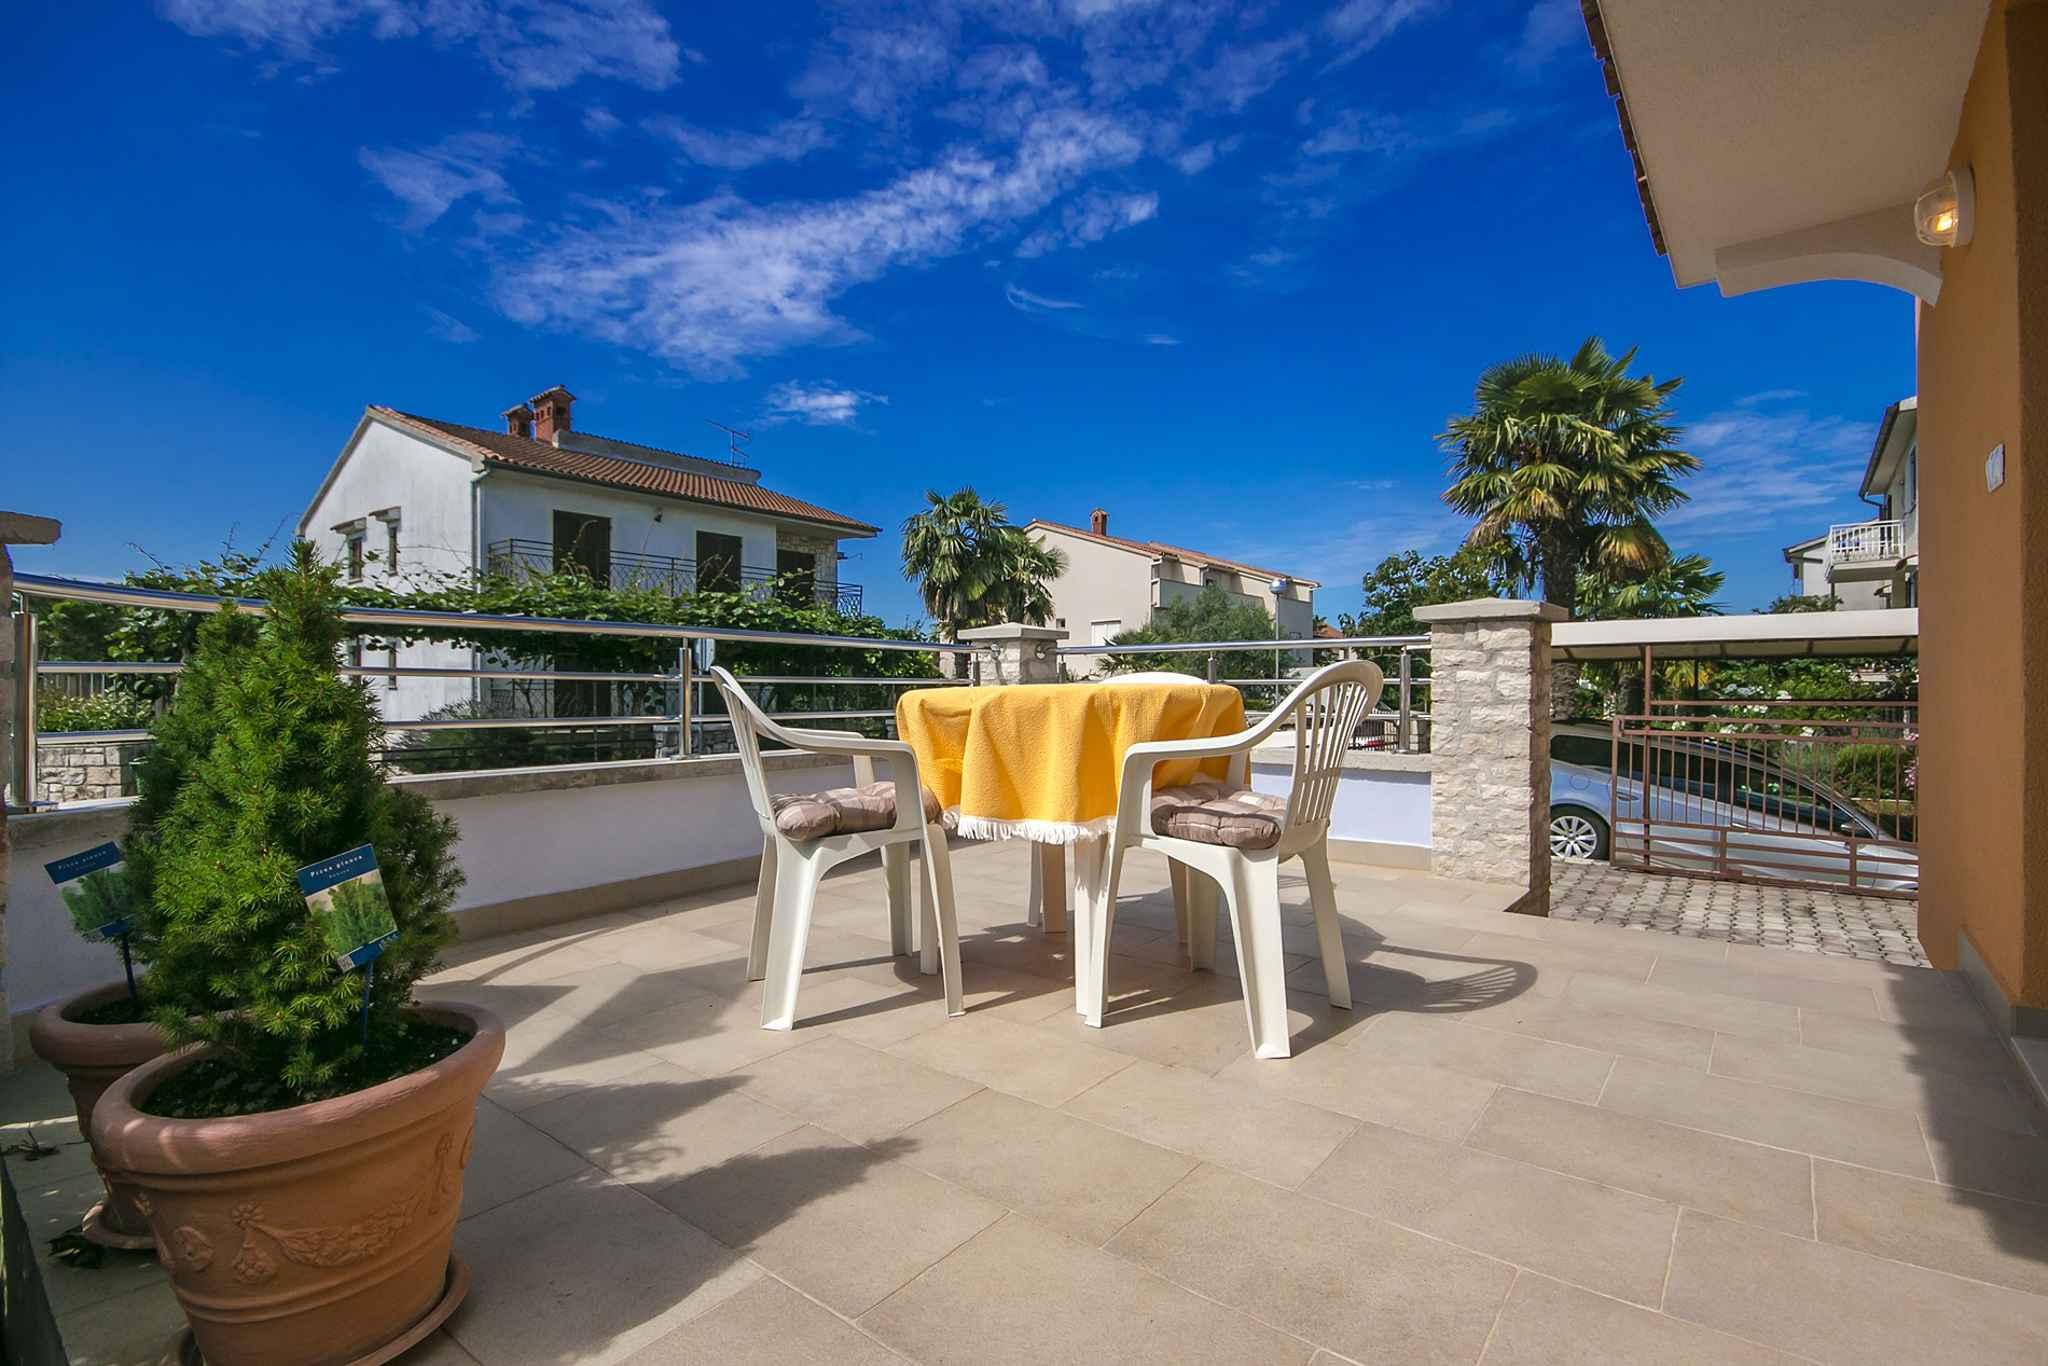 Ferienwohnung mit Garten und Parkplatz (280337), Porec, , Istrien, Kroatien, Bild 1